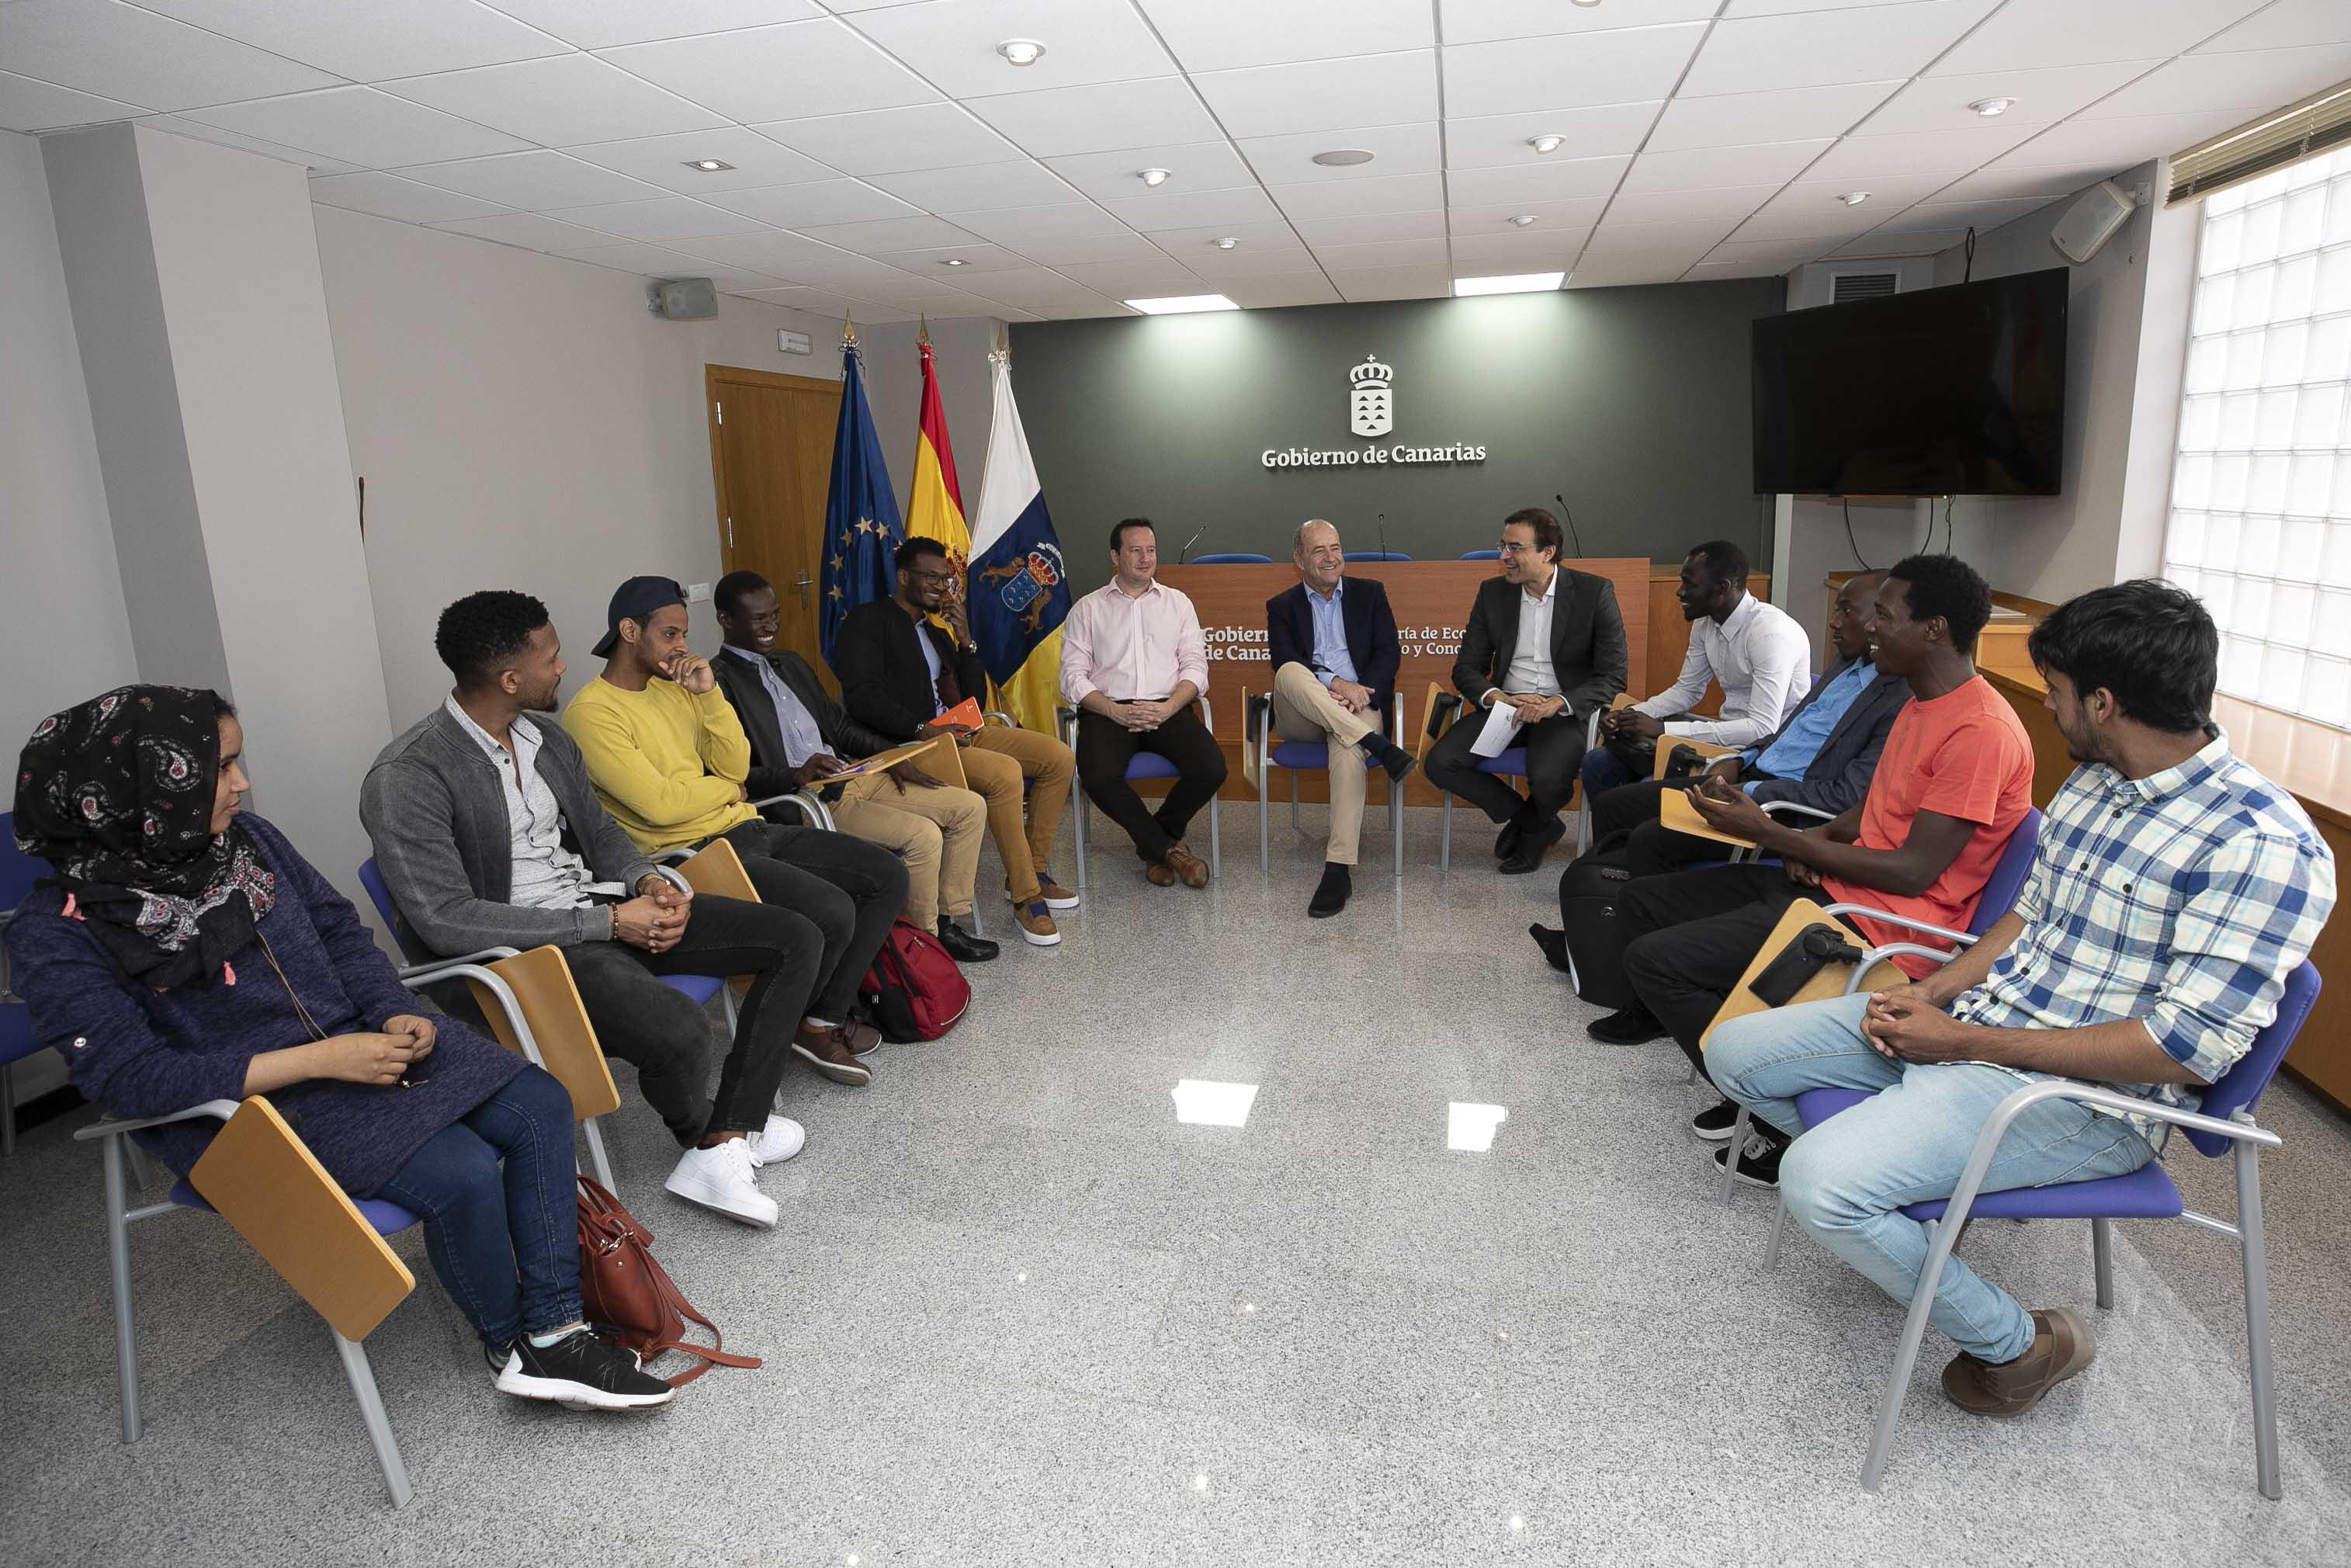 El Gobierno ofrecerá 30 becas a jóvenes africanos que quieran ampliar sus estudios en Canarias